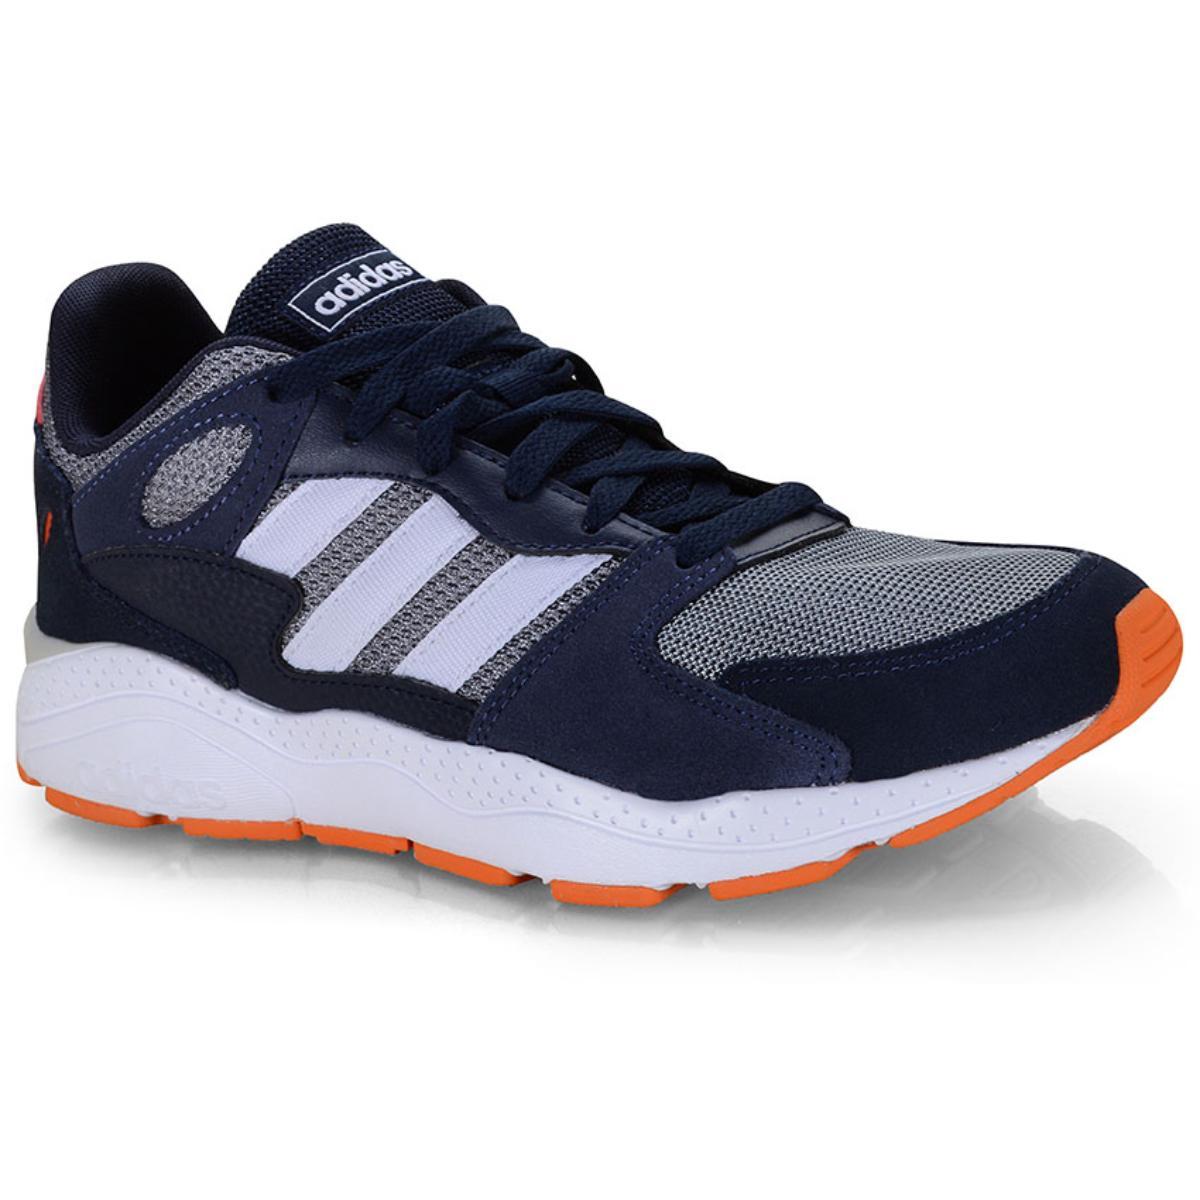 Tênis Masculino Adidas Ef1052 Chaos Marinho/branco/laranja